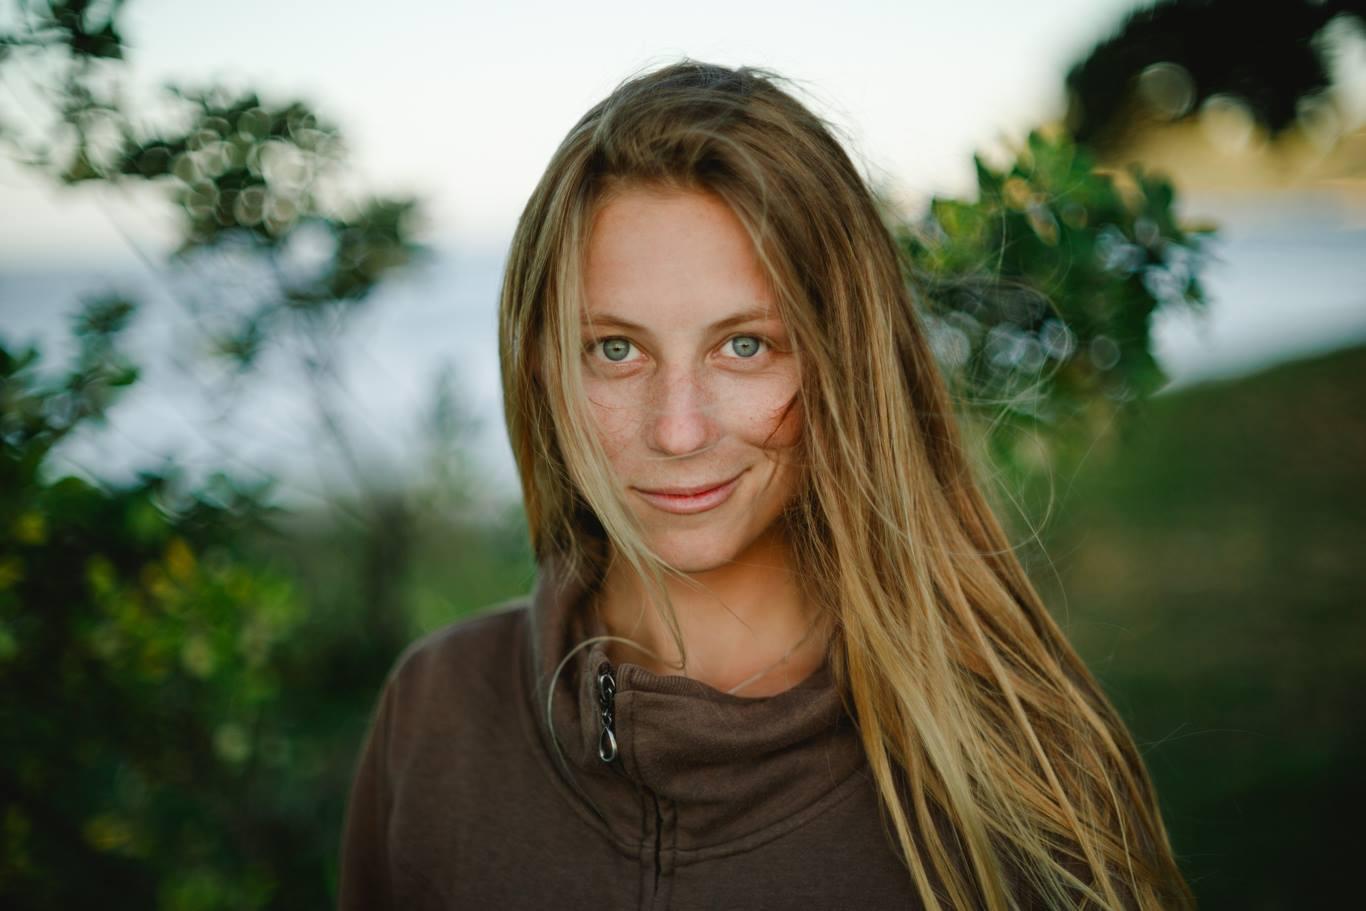 Jess Lowcher